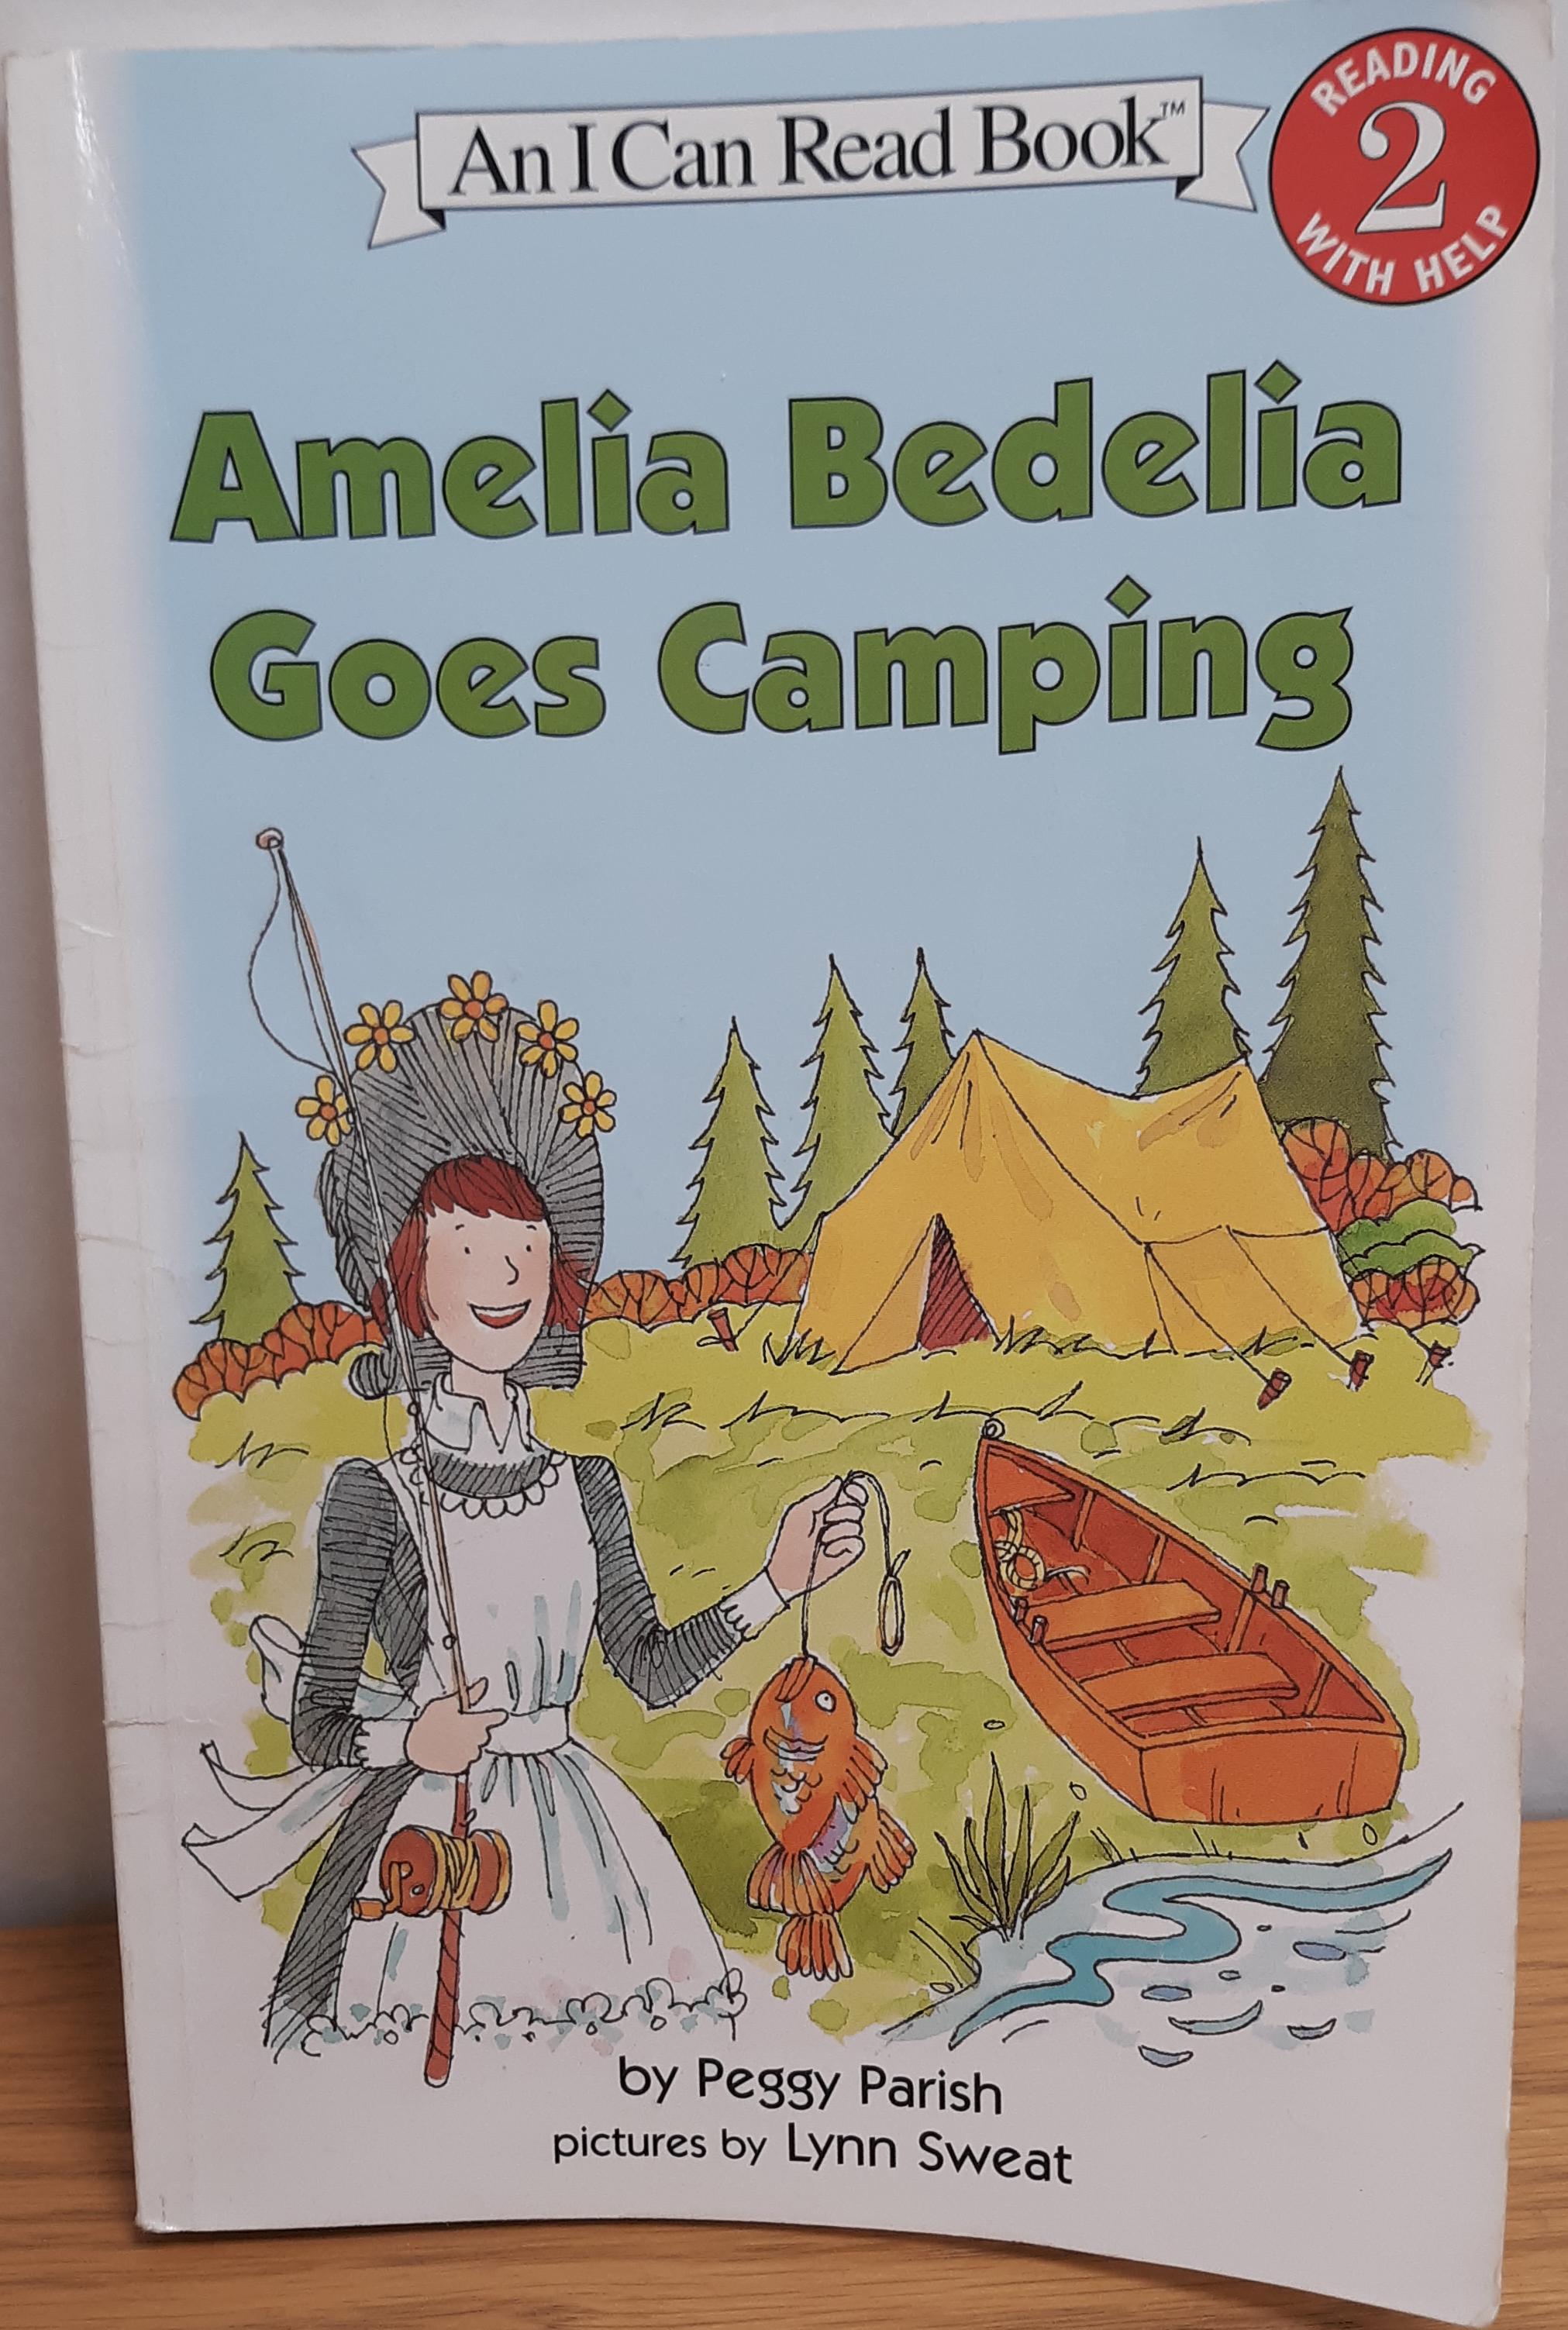 https://0201.nccdn.net/1_2/000/000/09e/cf1/amelia-bedelia-camping--1-.png